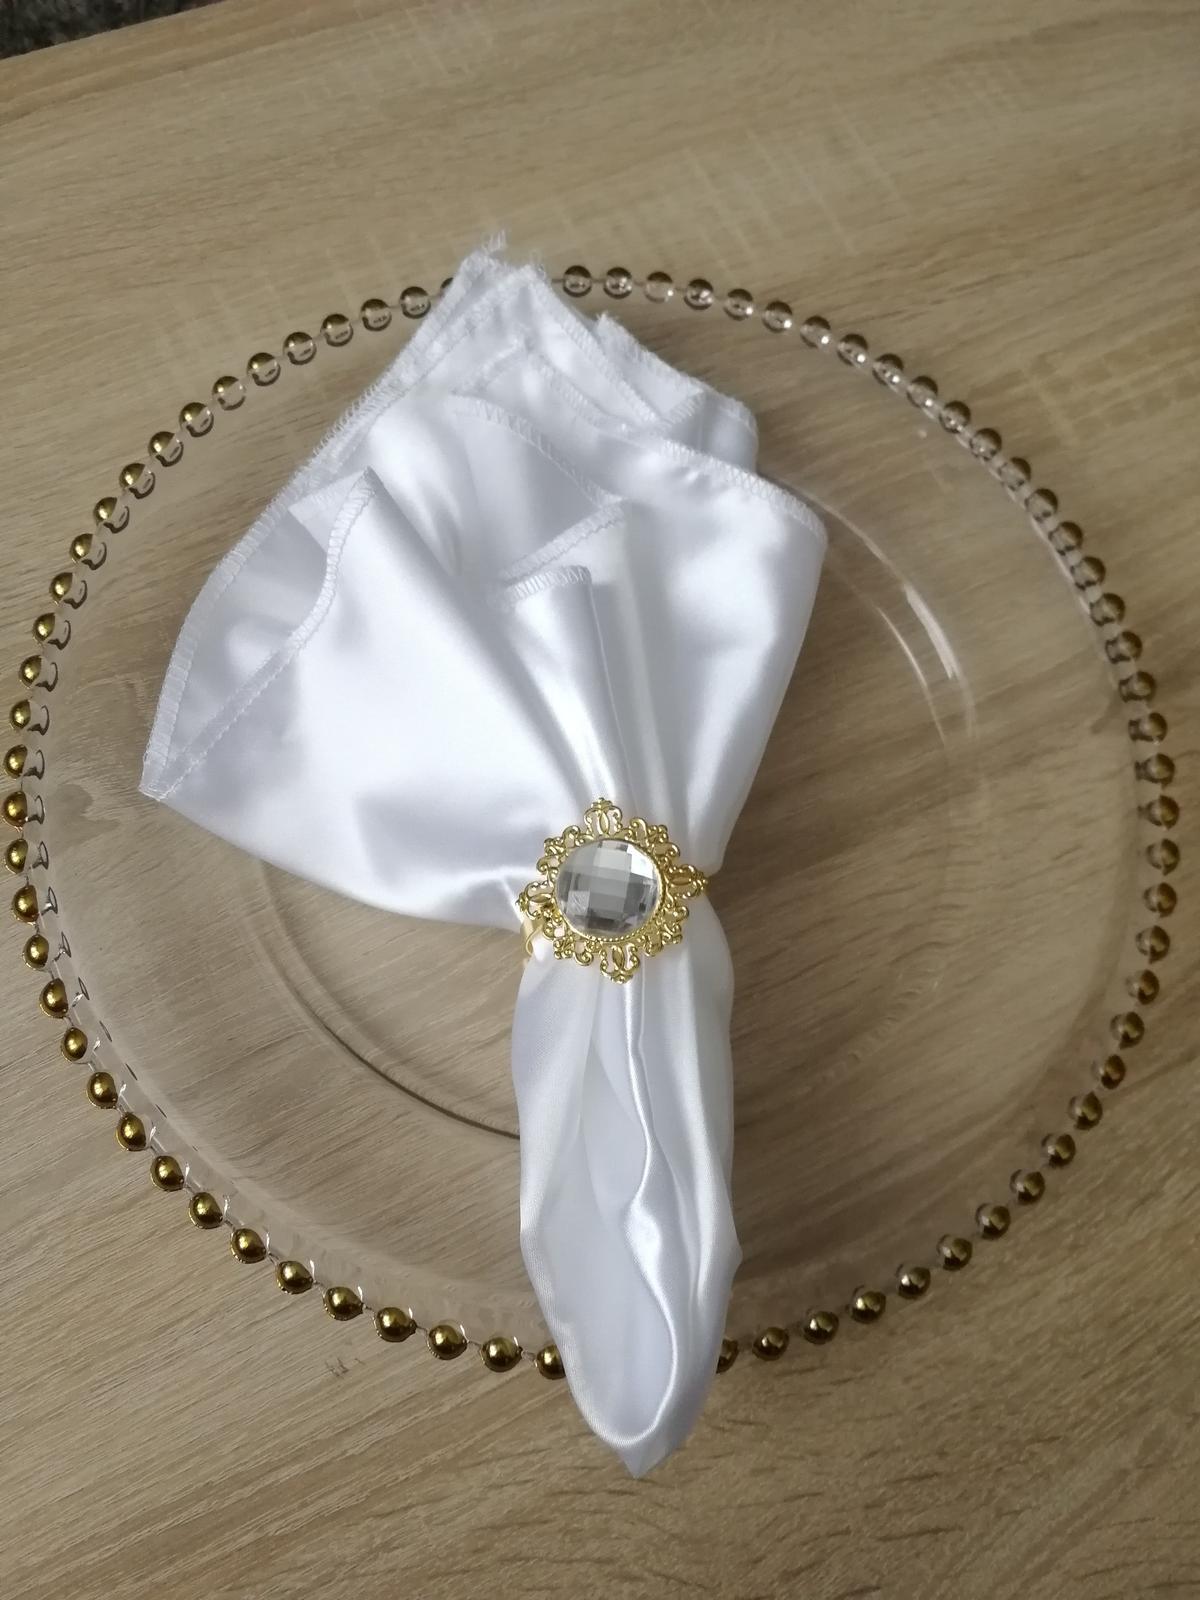 Luxusné klubové taniere so zlatými guličkami na predaj - Obrázok č. 2